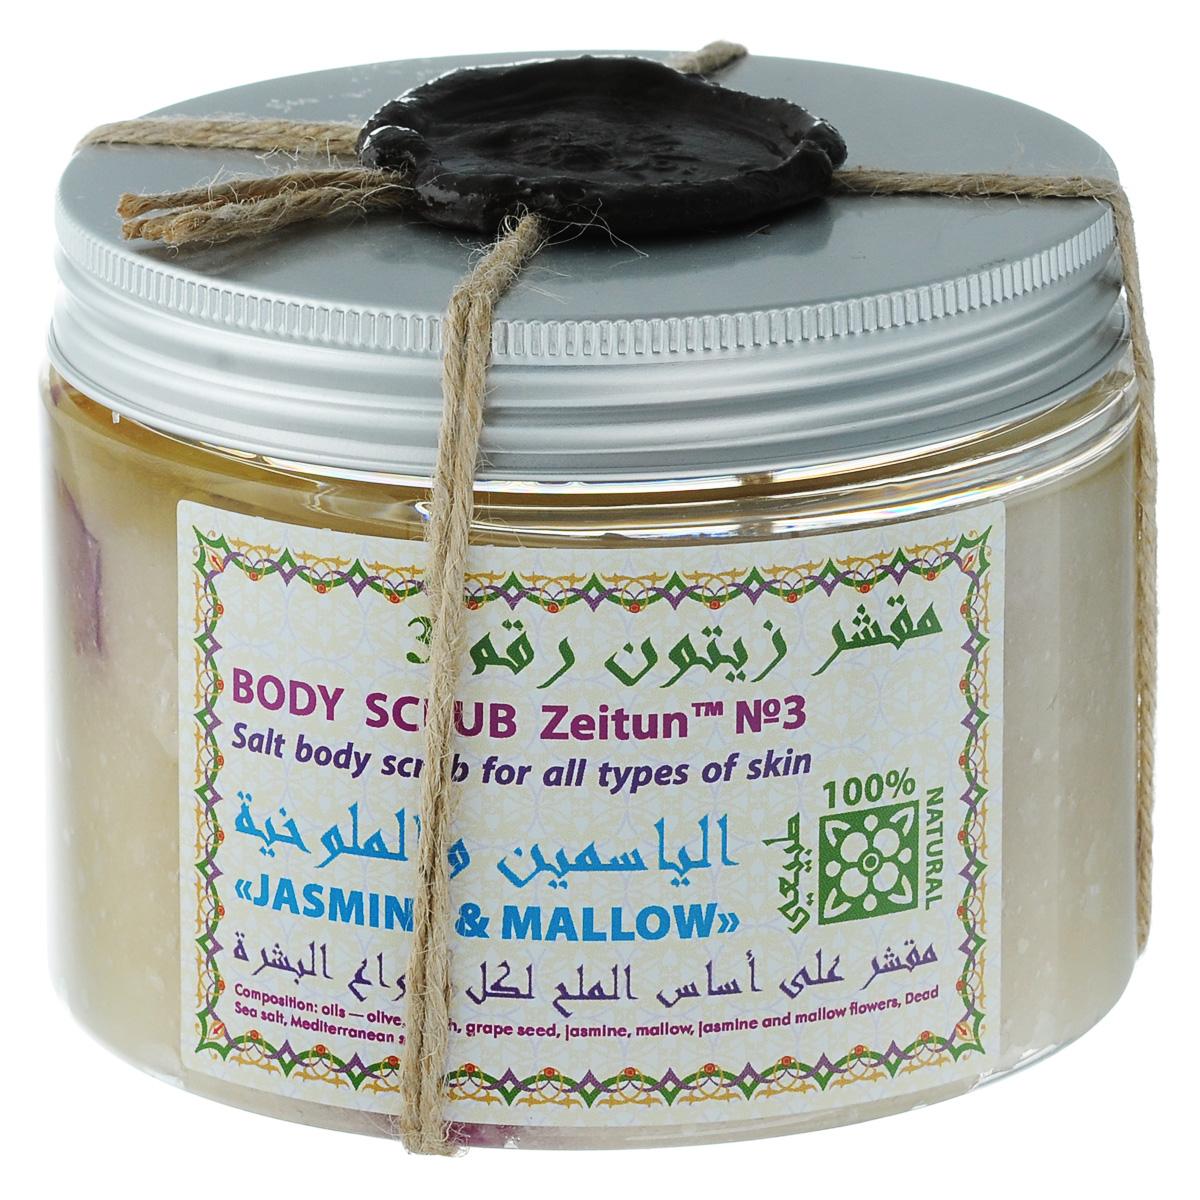 Зейтун Скраб для тела №3 солевой, Жасмин и мальва, 500 млFS-00897Оптимально сбалансированный состав для всех типов кожи. Скраб бережно отшелушивает отмерший эпителий, обновляет и выравнивает верхний слой кожи, смягчает ороговевшие участки. Масла увлажняют и питают кожу, смягчая абразивное воздействие скраба. После использования оставляет на коже тонкий цветочный аромат и ощущение обновления и свежести.